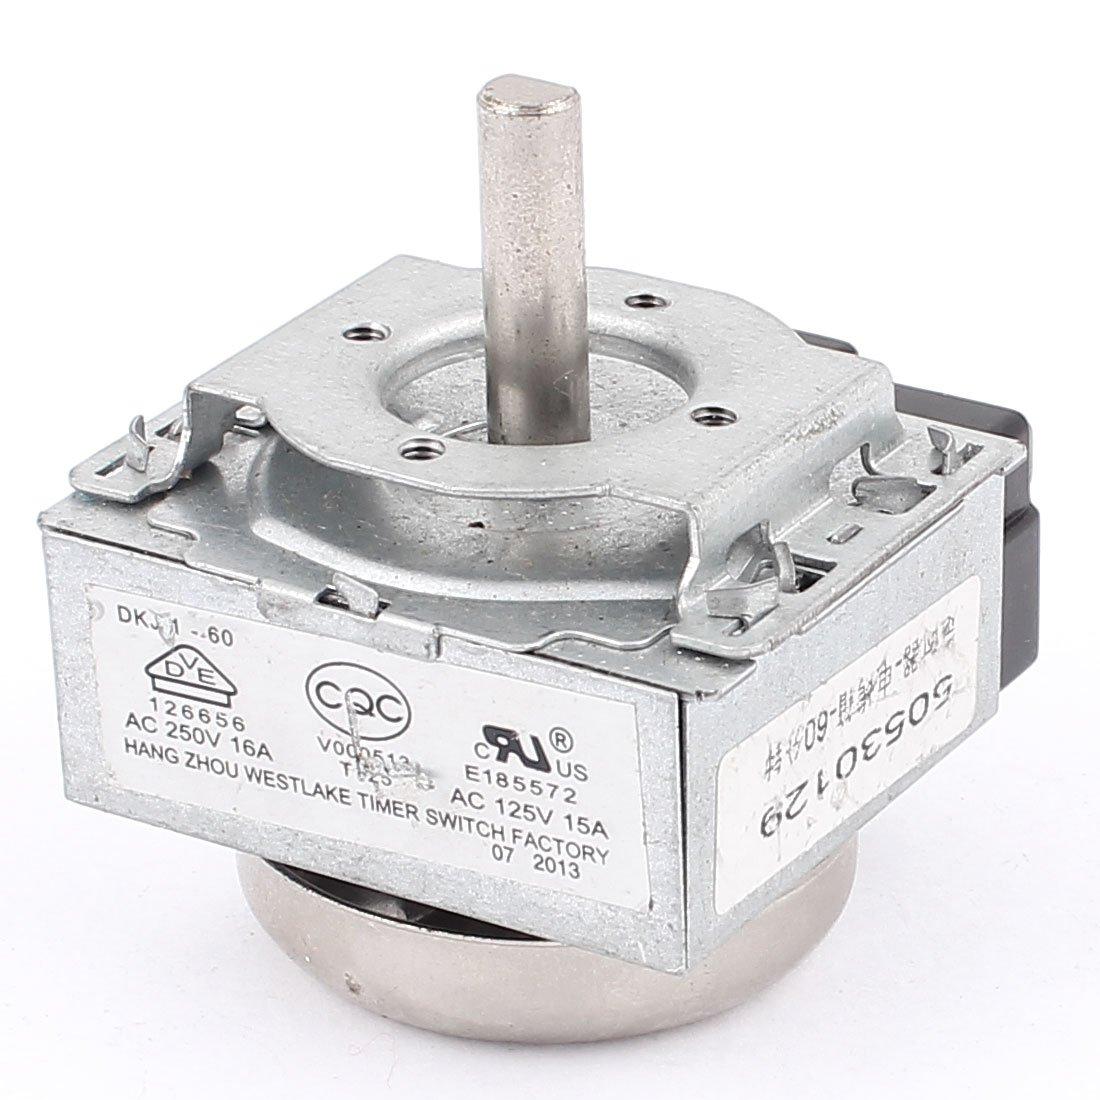 AC 250V 16A 60 Minutos Interruptor Temporizador para Electr/ónico Horno Microondas